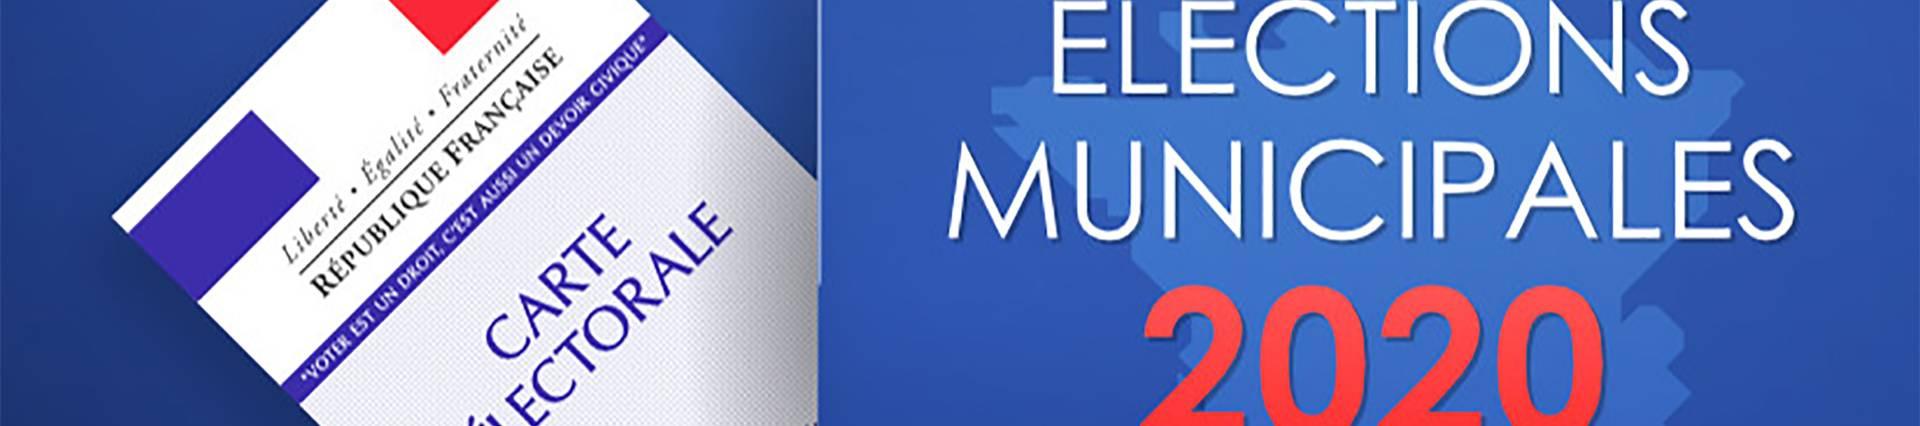 Elections municipales et mesures d'hygiène